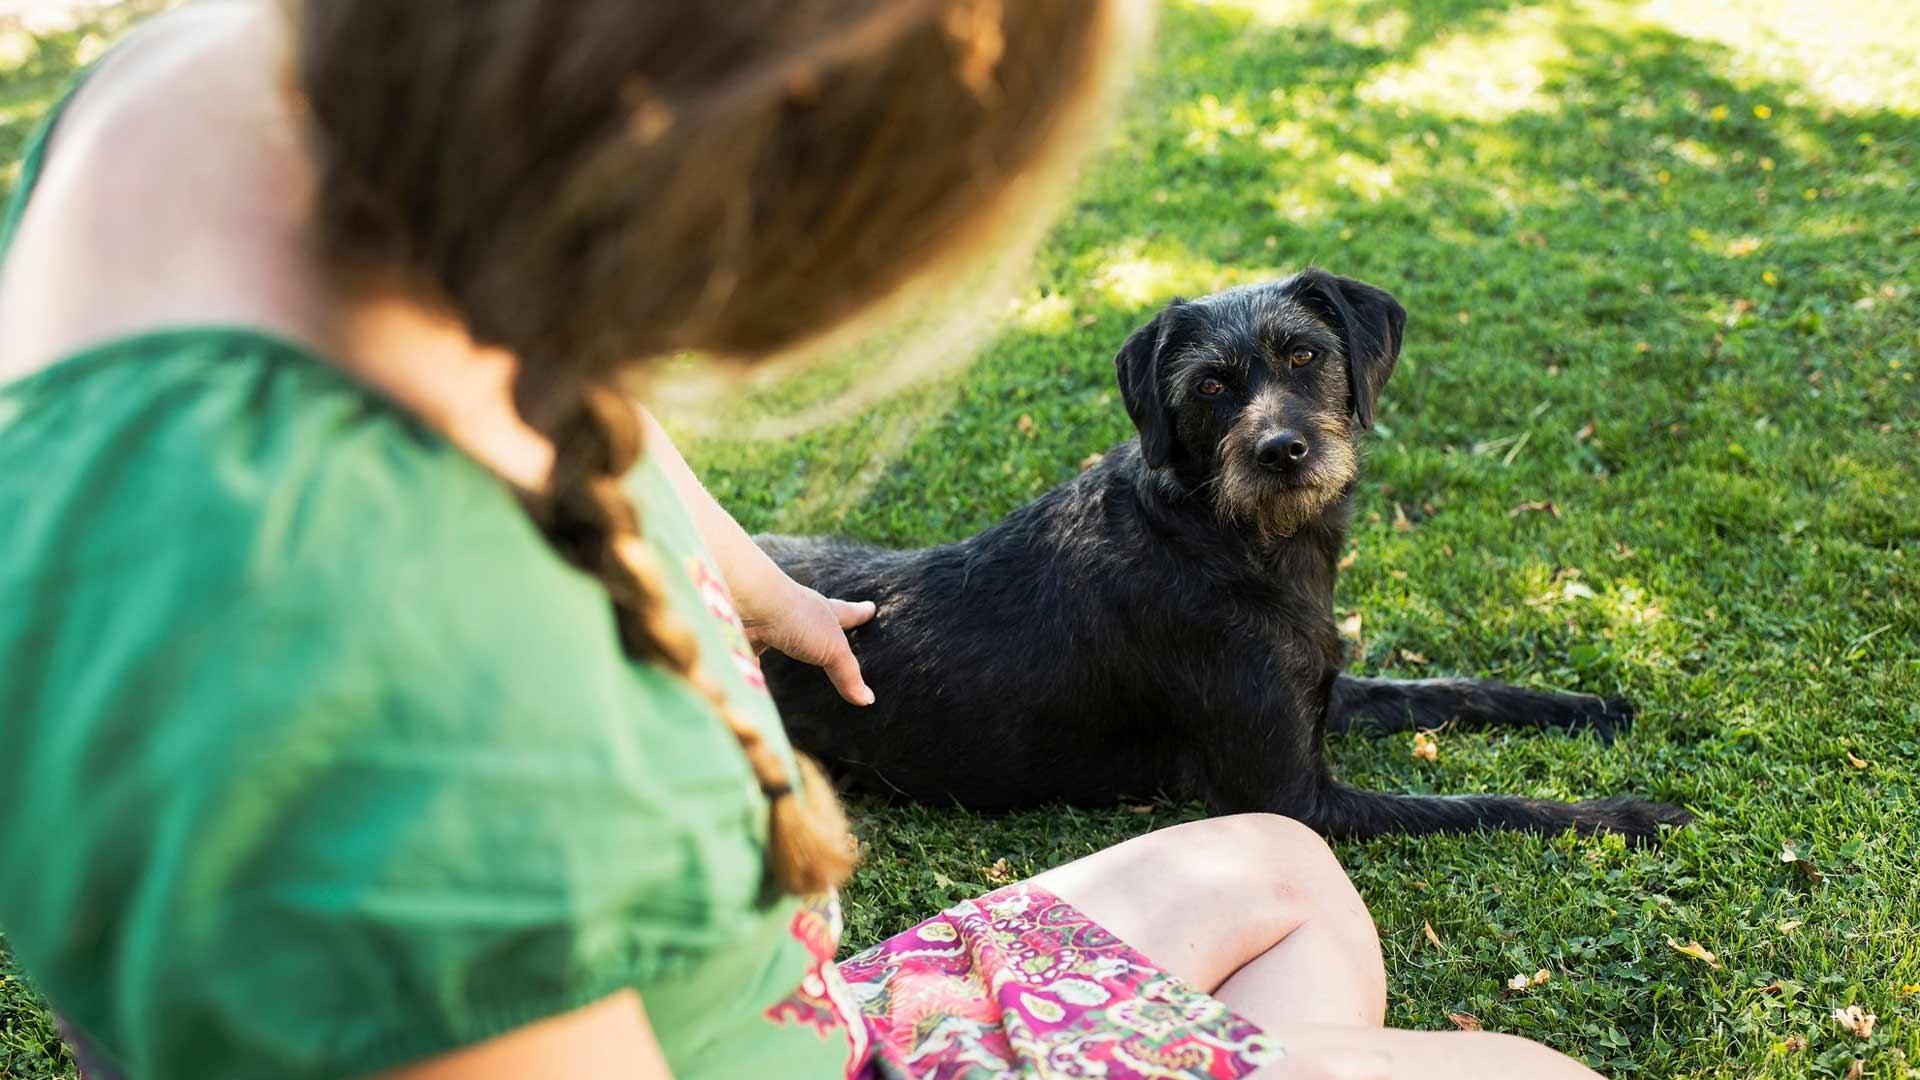 Fry-koiralla on kesäloma. Talvisin Maria lenkittää Fryn valoisaan aikaan, jotta ehtii nauttia päivänvalosta.